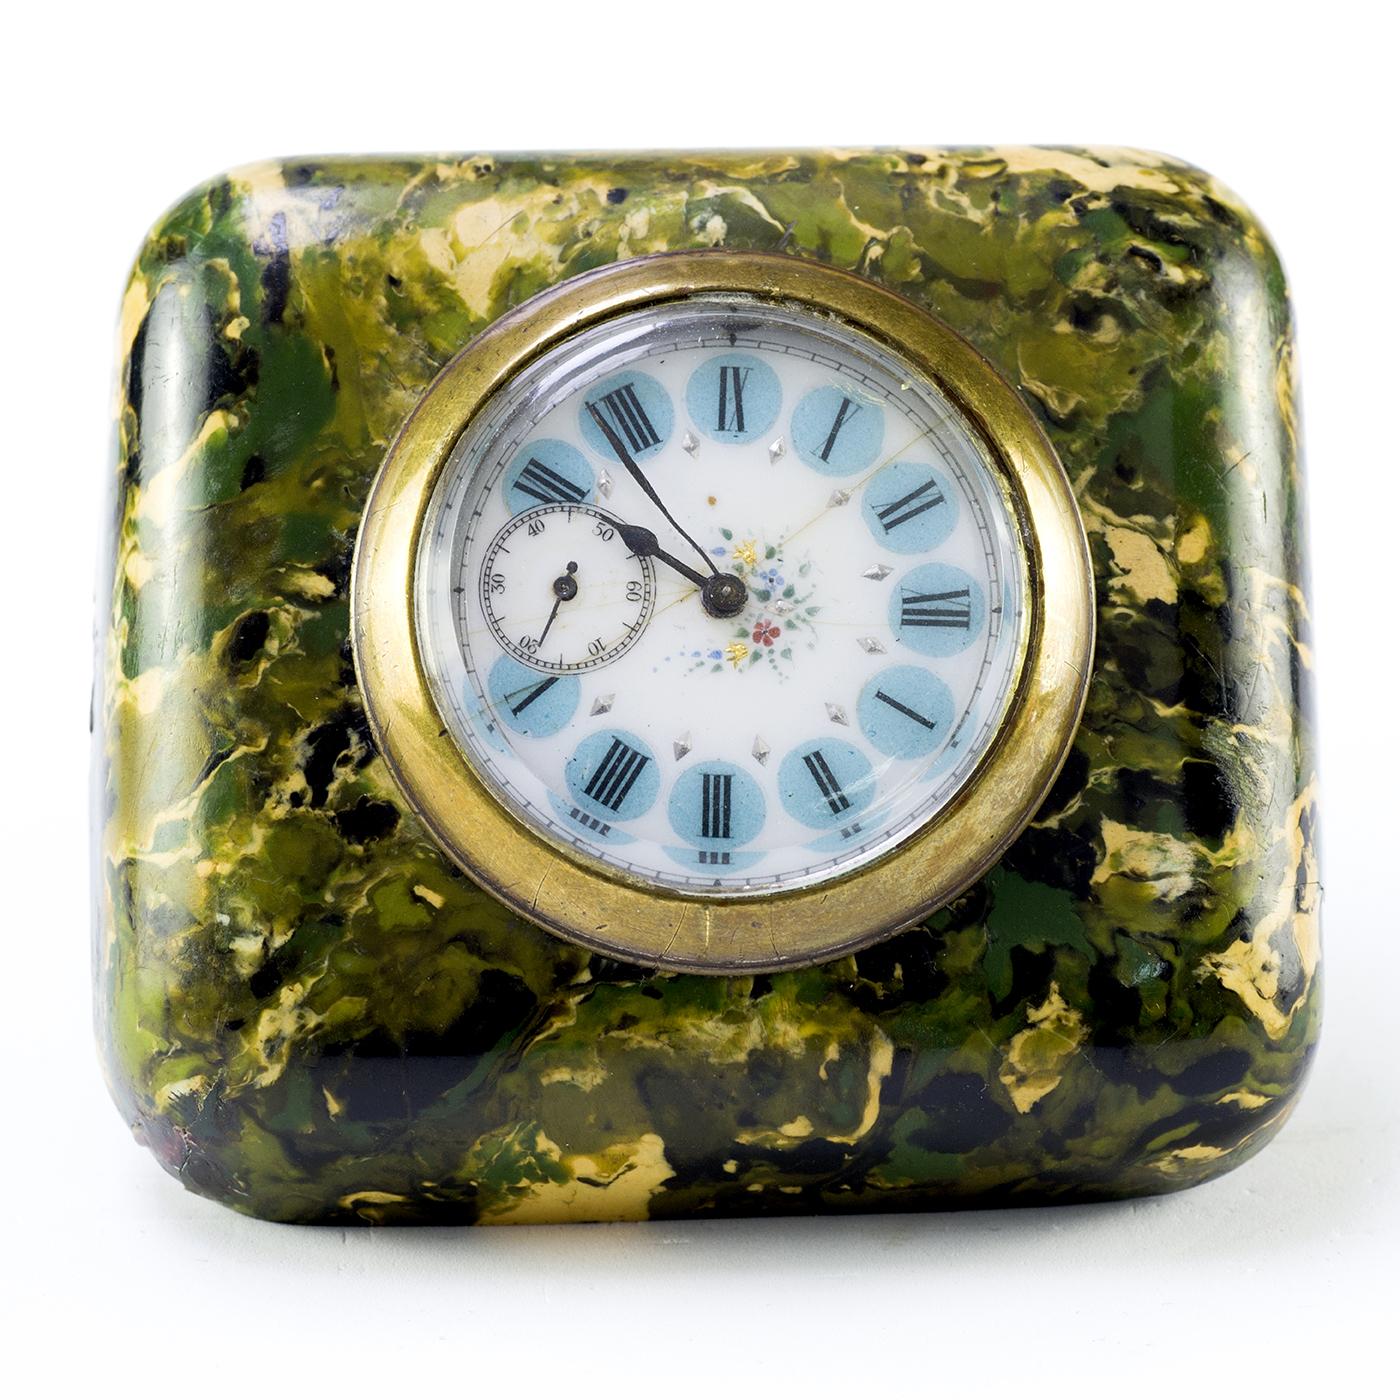 Reloj Suizo de Bolsillo-Sobremesa. Ca. 1900